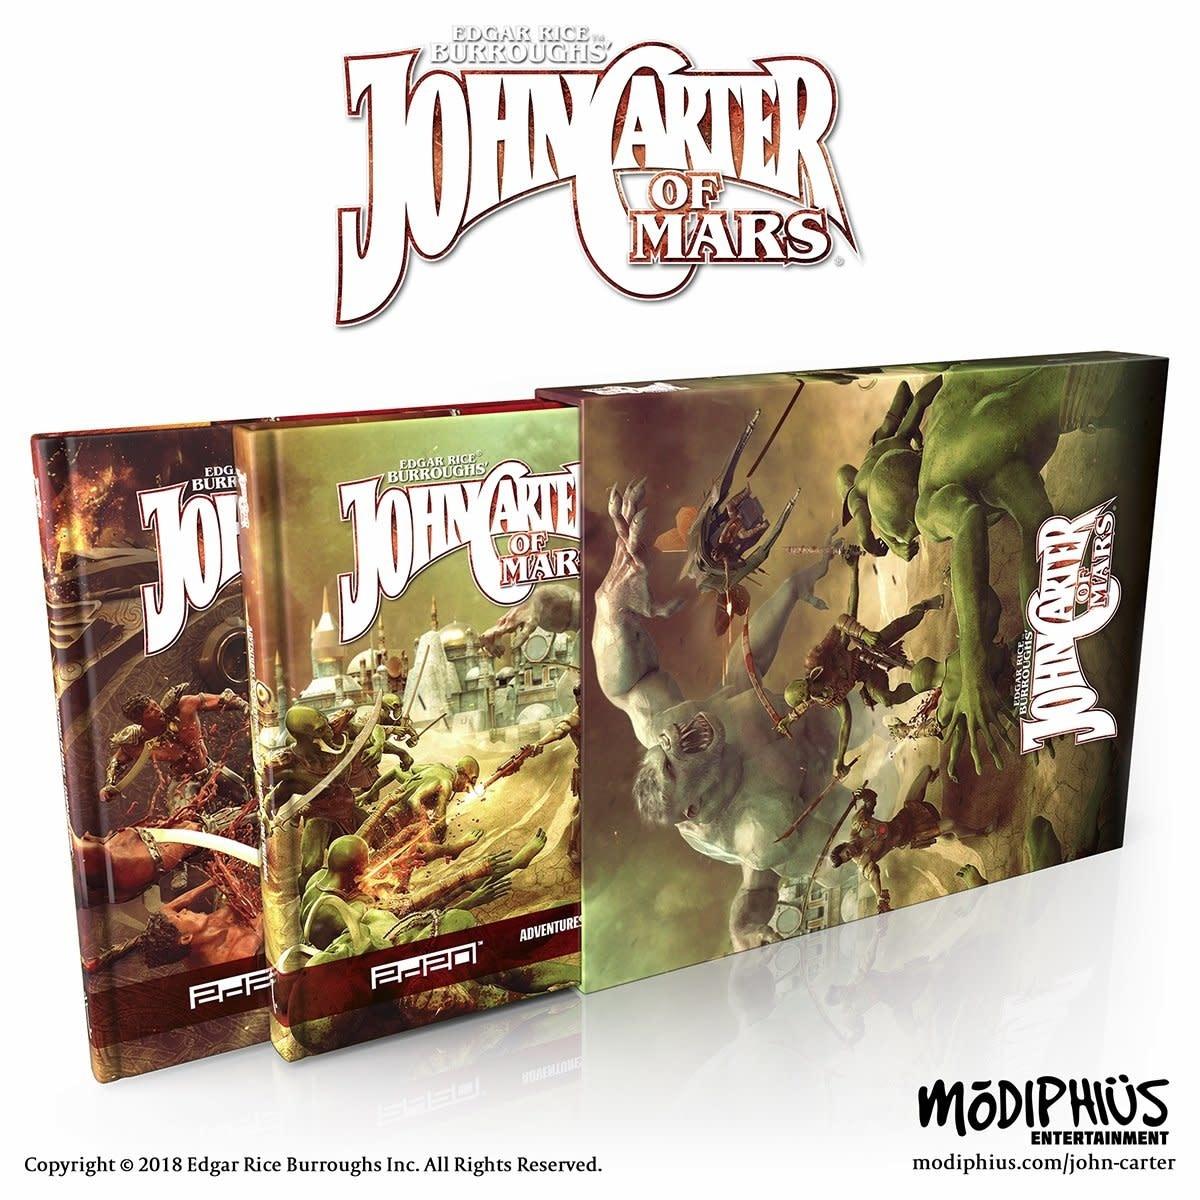 John Carter of Mars Collector's Slipcase 2 Books